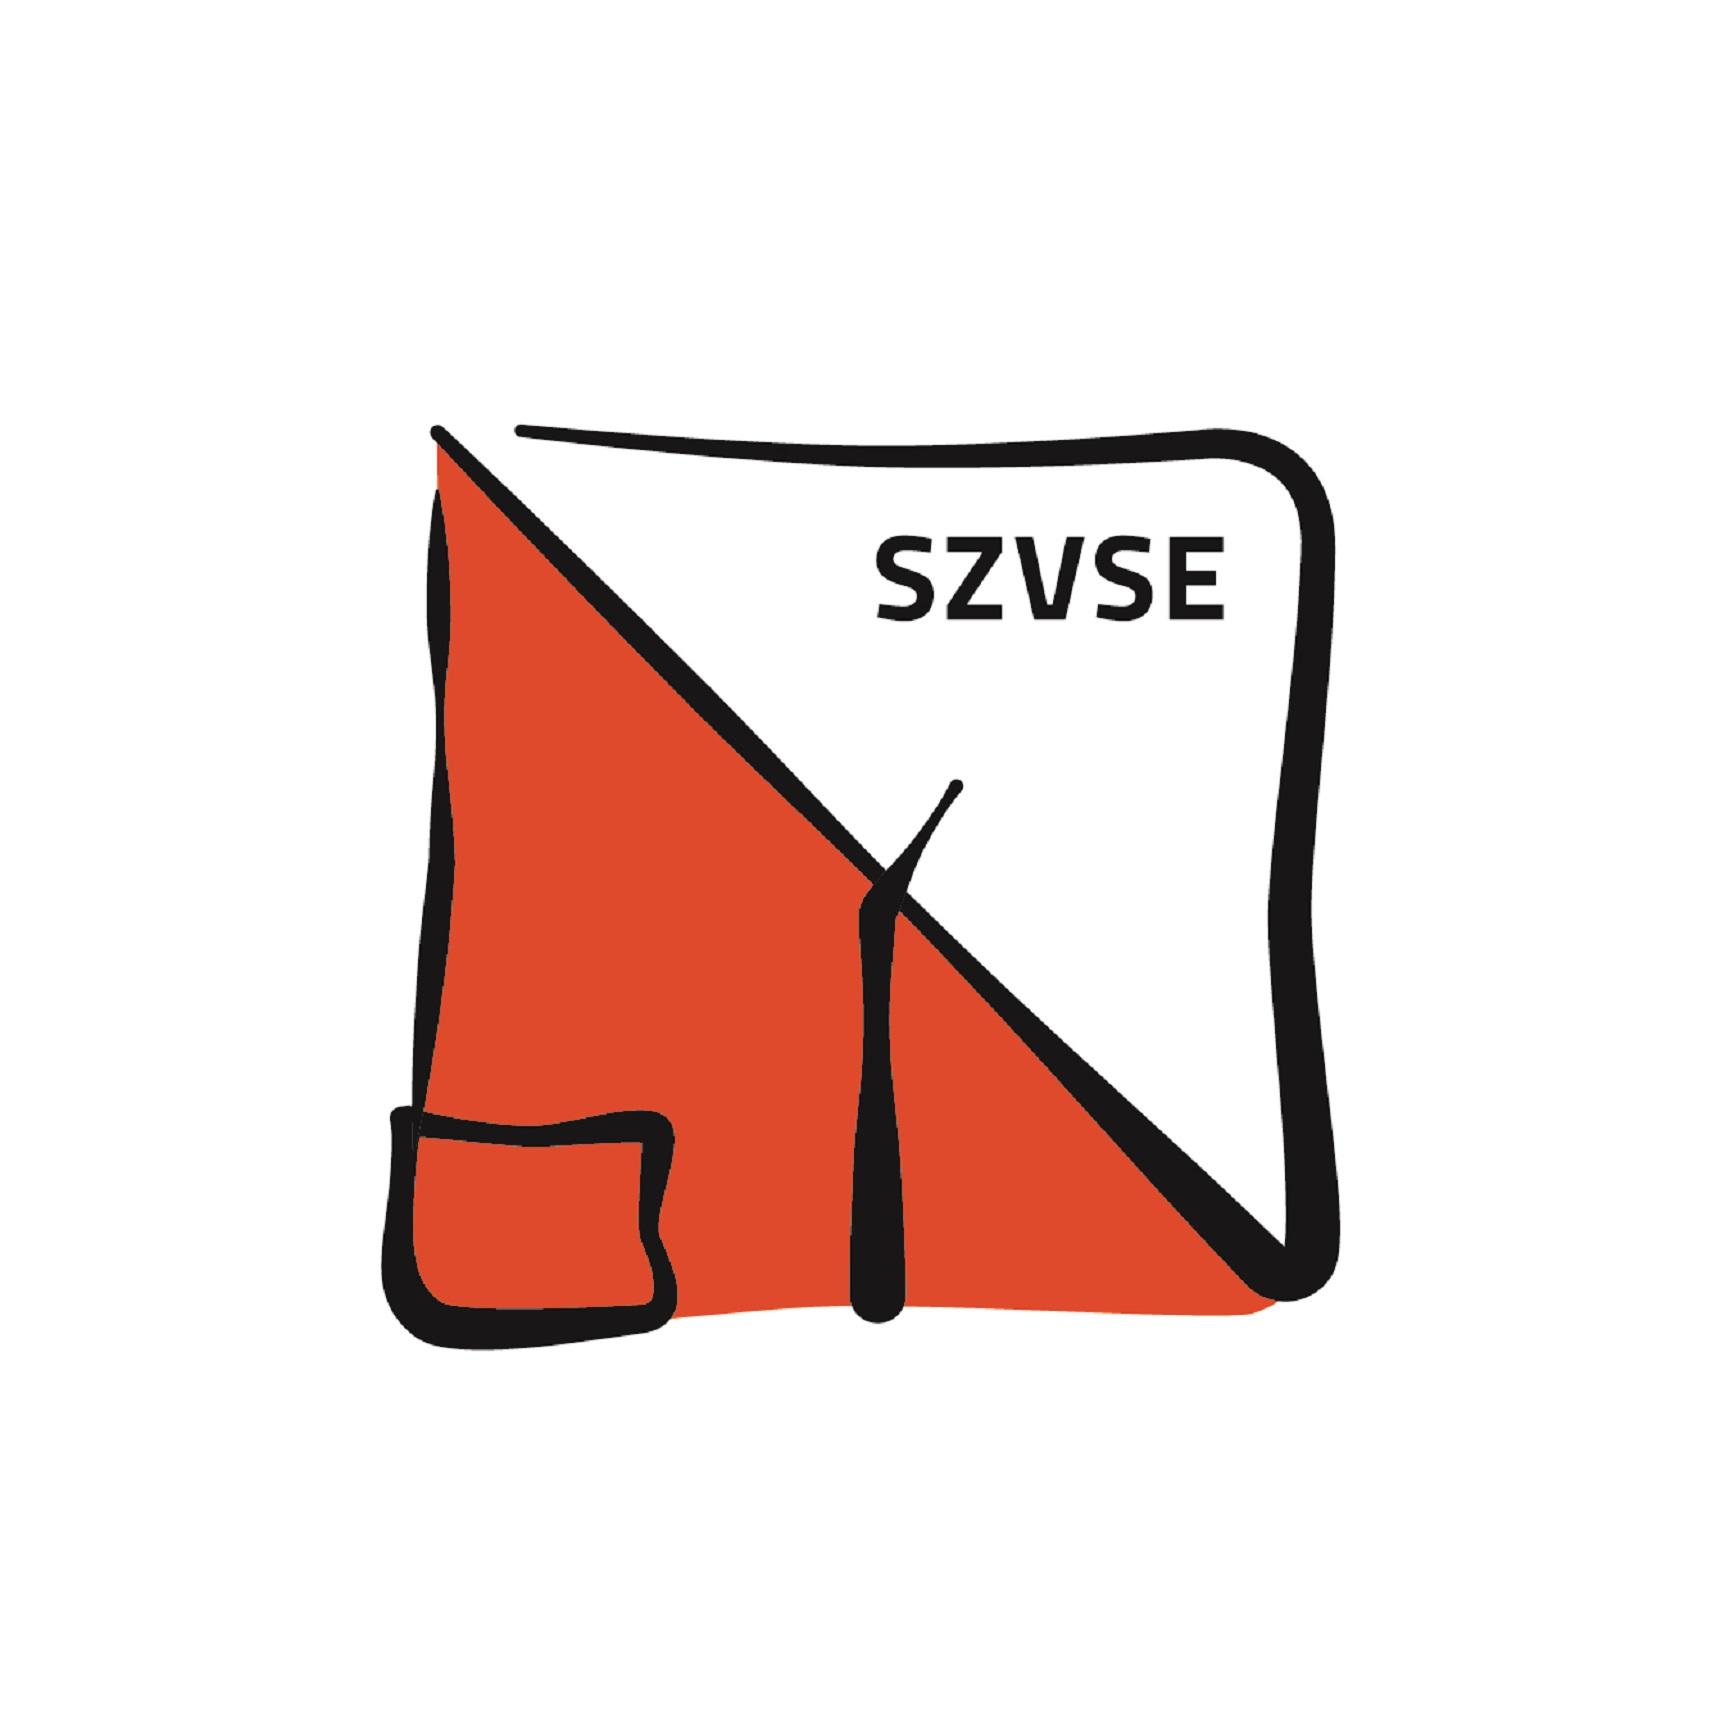 referencia Szegedi Vasutas Sportegyesület